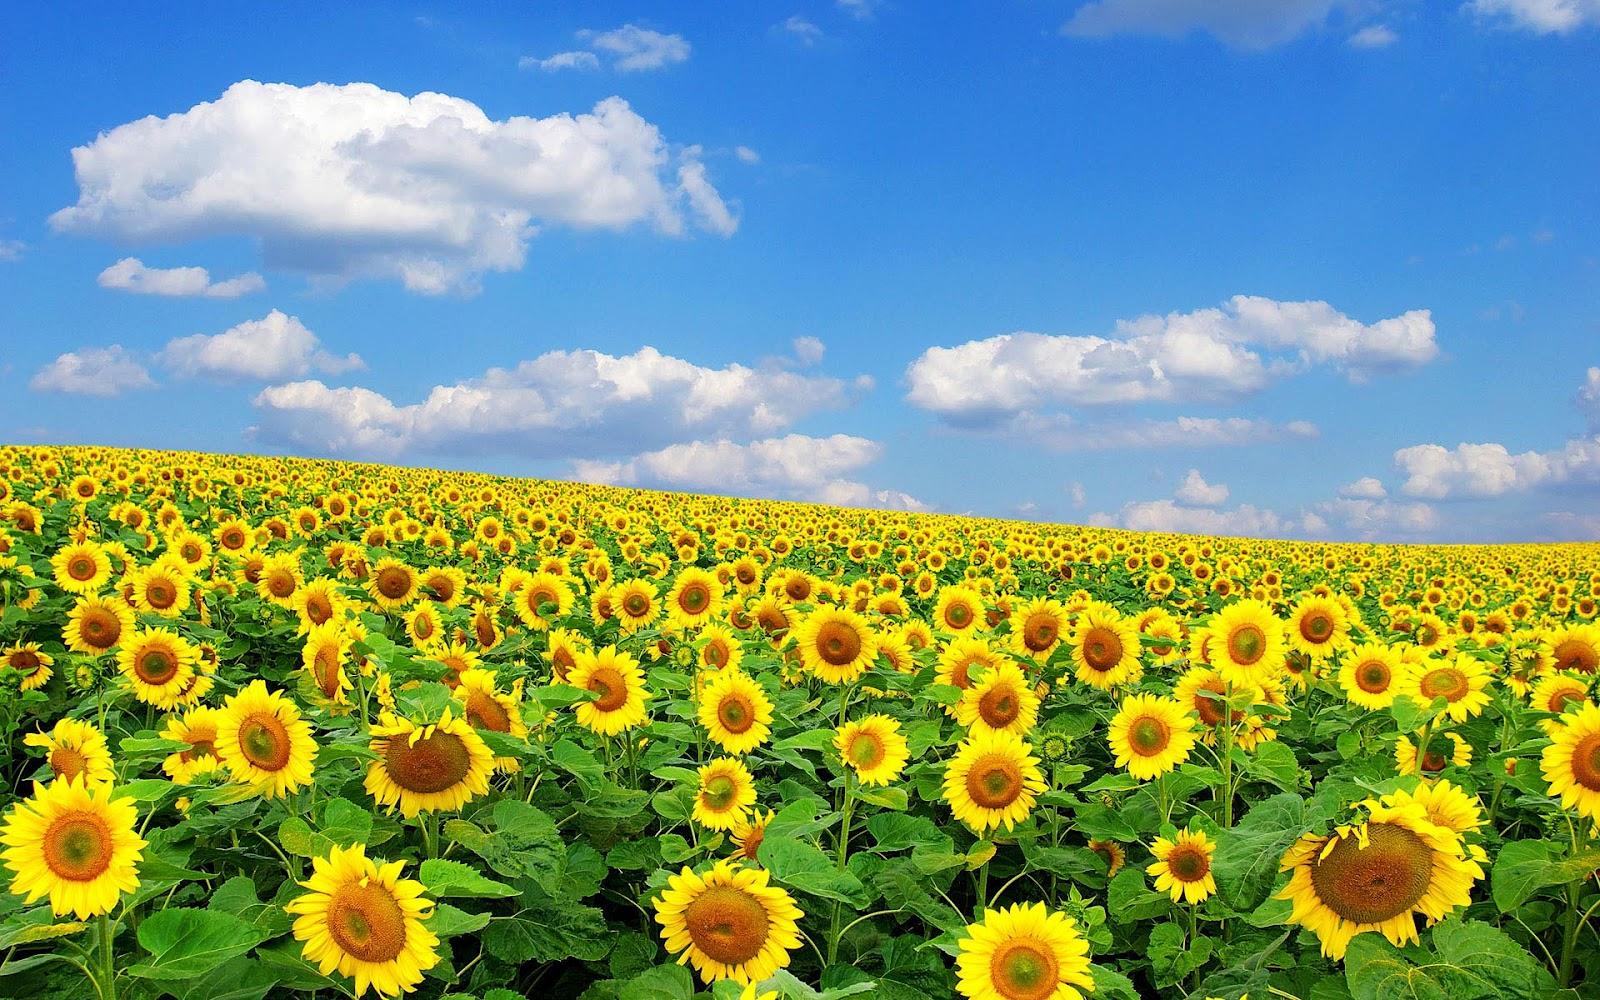 Zomer-foto-gele-zonnebloemen-achtergronden-hd-zonnebloem-wallpapers-01